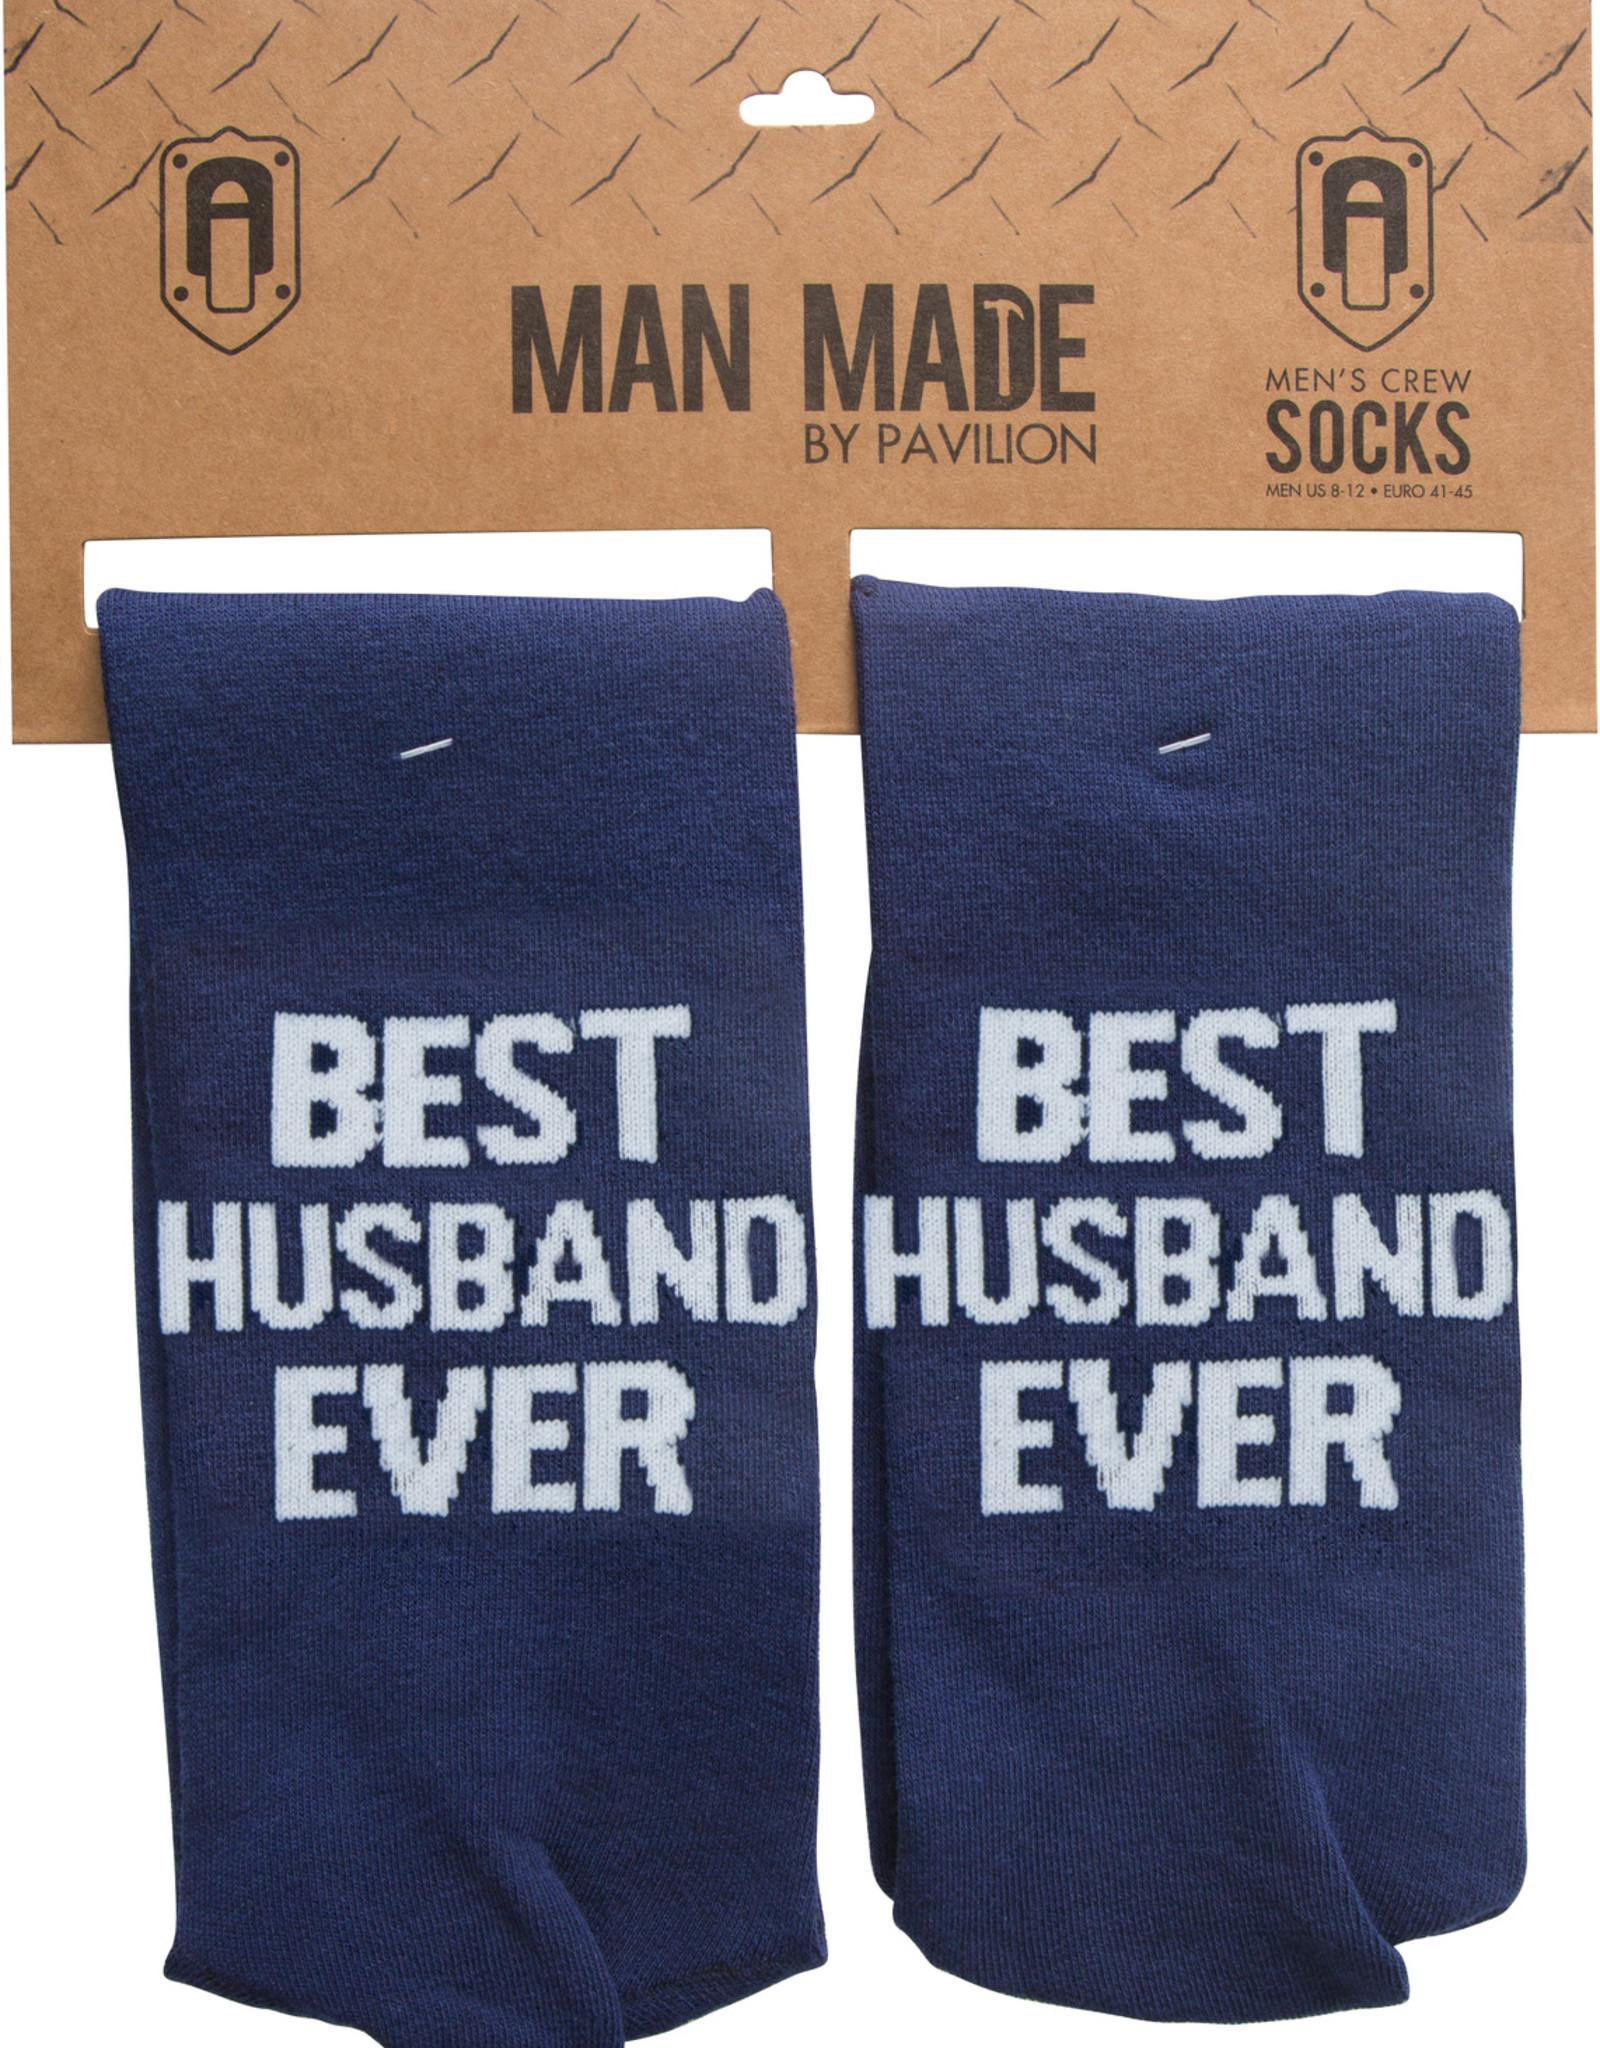 PAVILION BEST HUSBAND EVER SOCKS